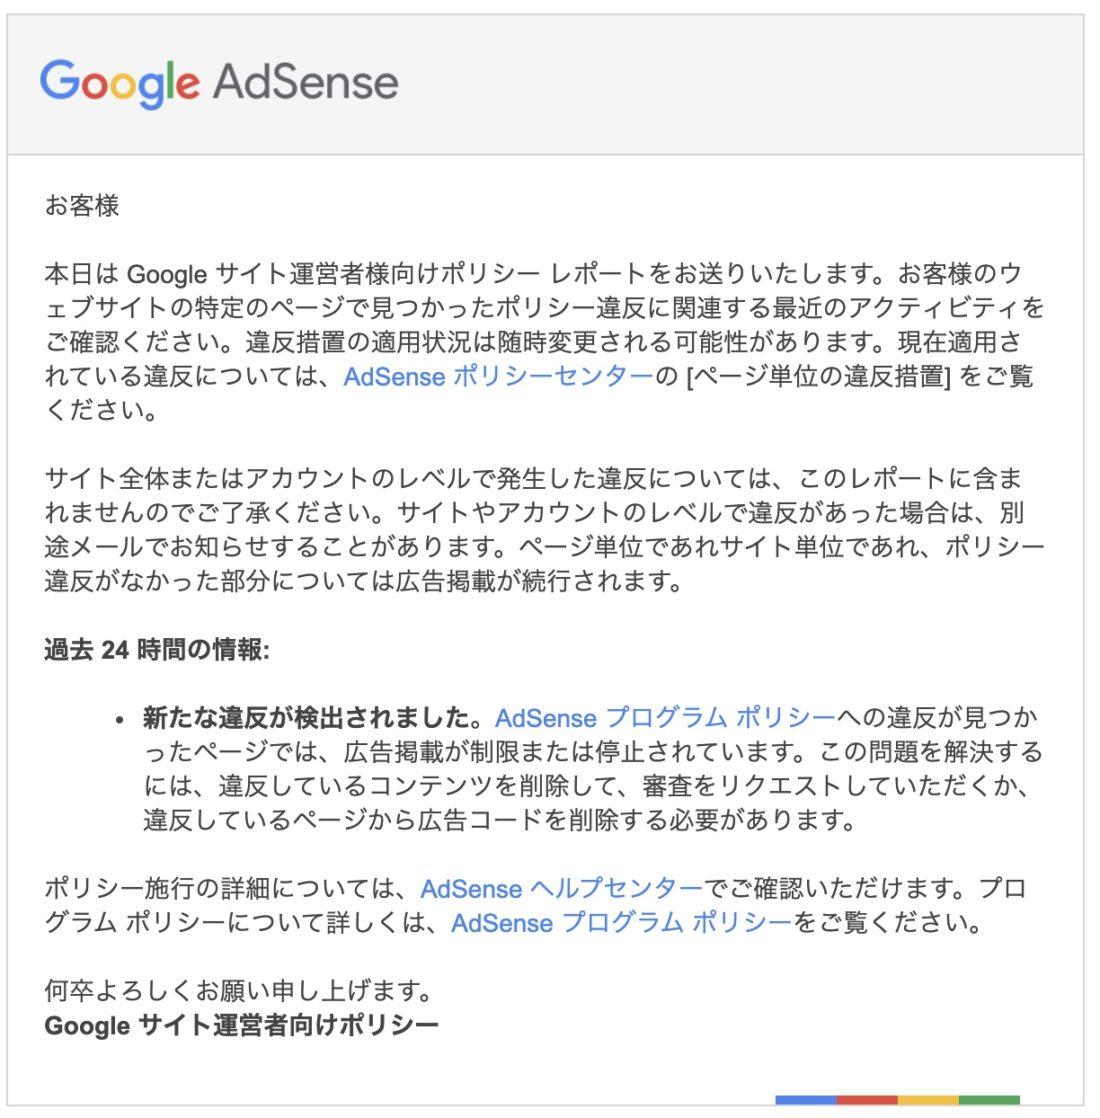 【メモ】AdSense サイト運営者向けポリシー違反レポートの攻防が続いてる件